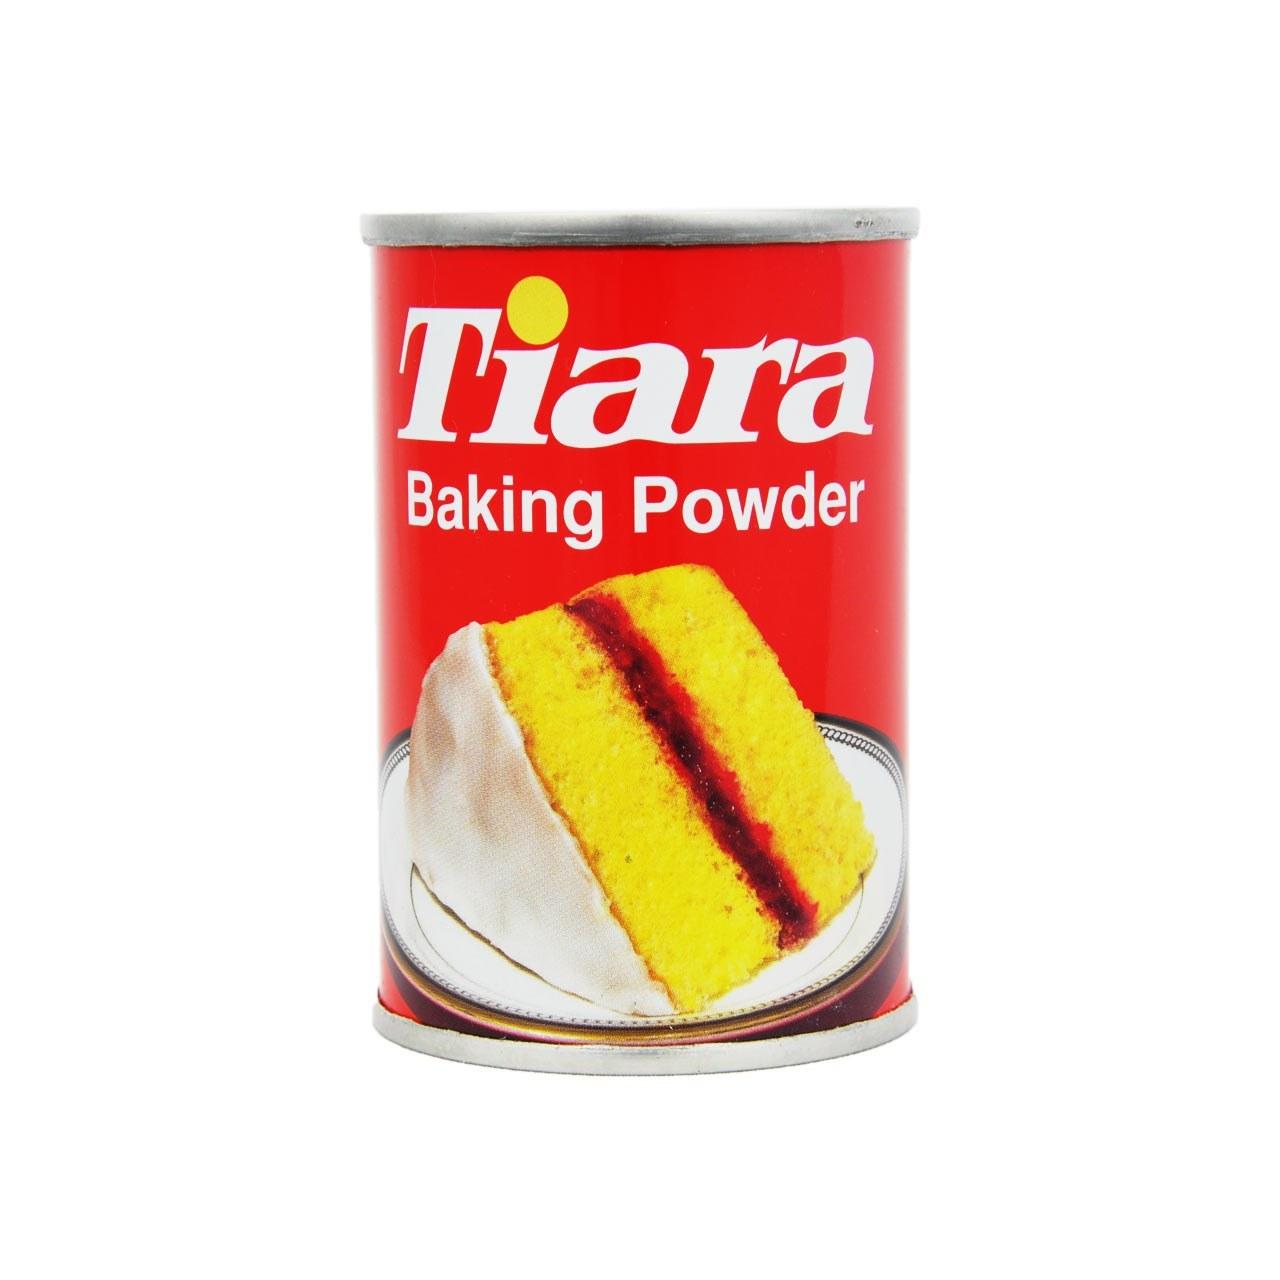 تصویر بیکینگ پودر تیاری 110گرم قوطی Tiara Baking Powder